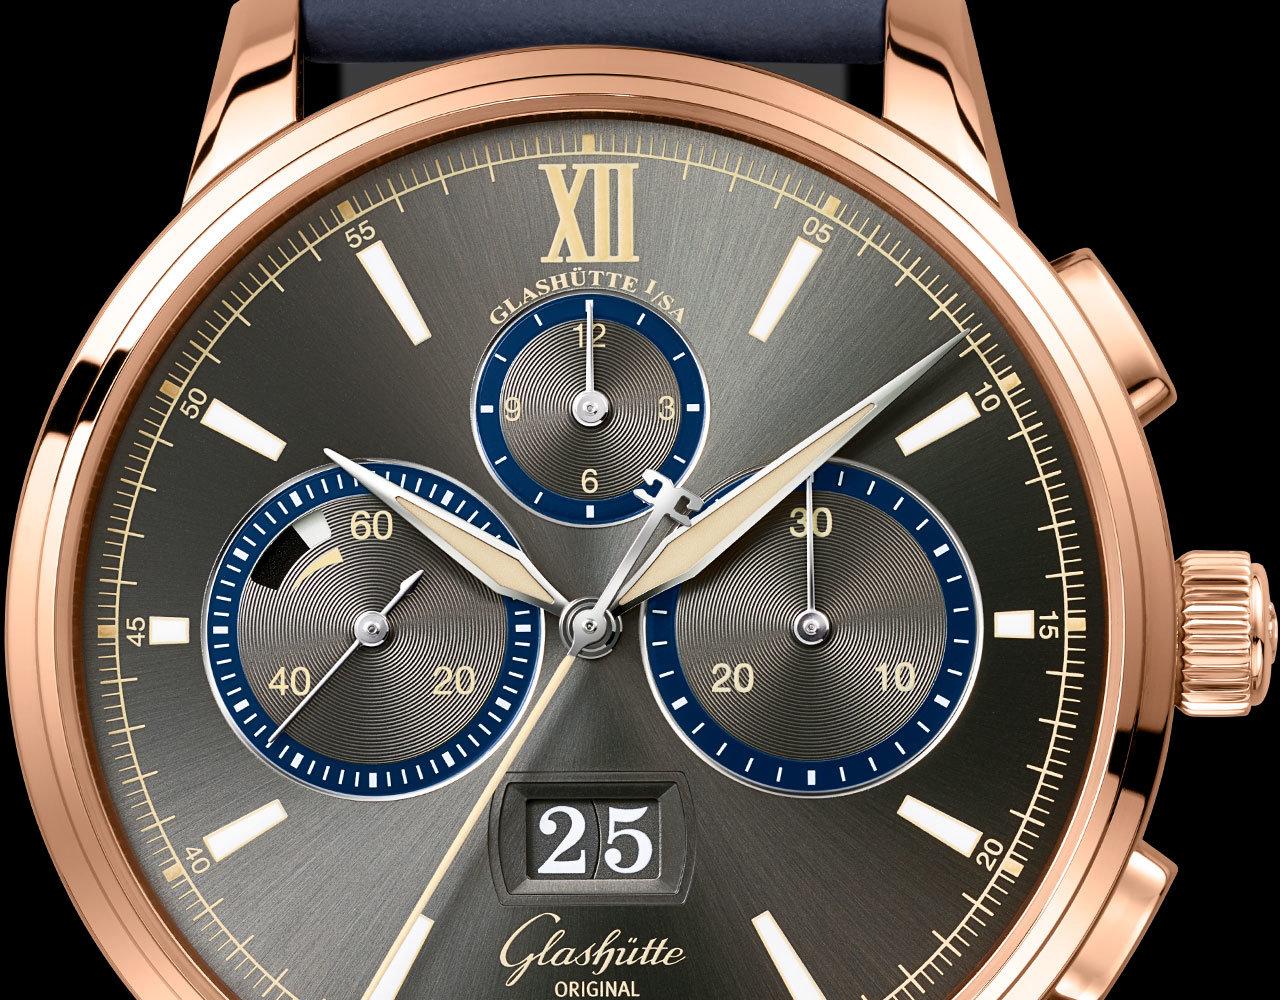 格拉苏蒂原创议员计时腕表1-37-01-04-05-55